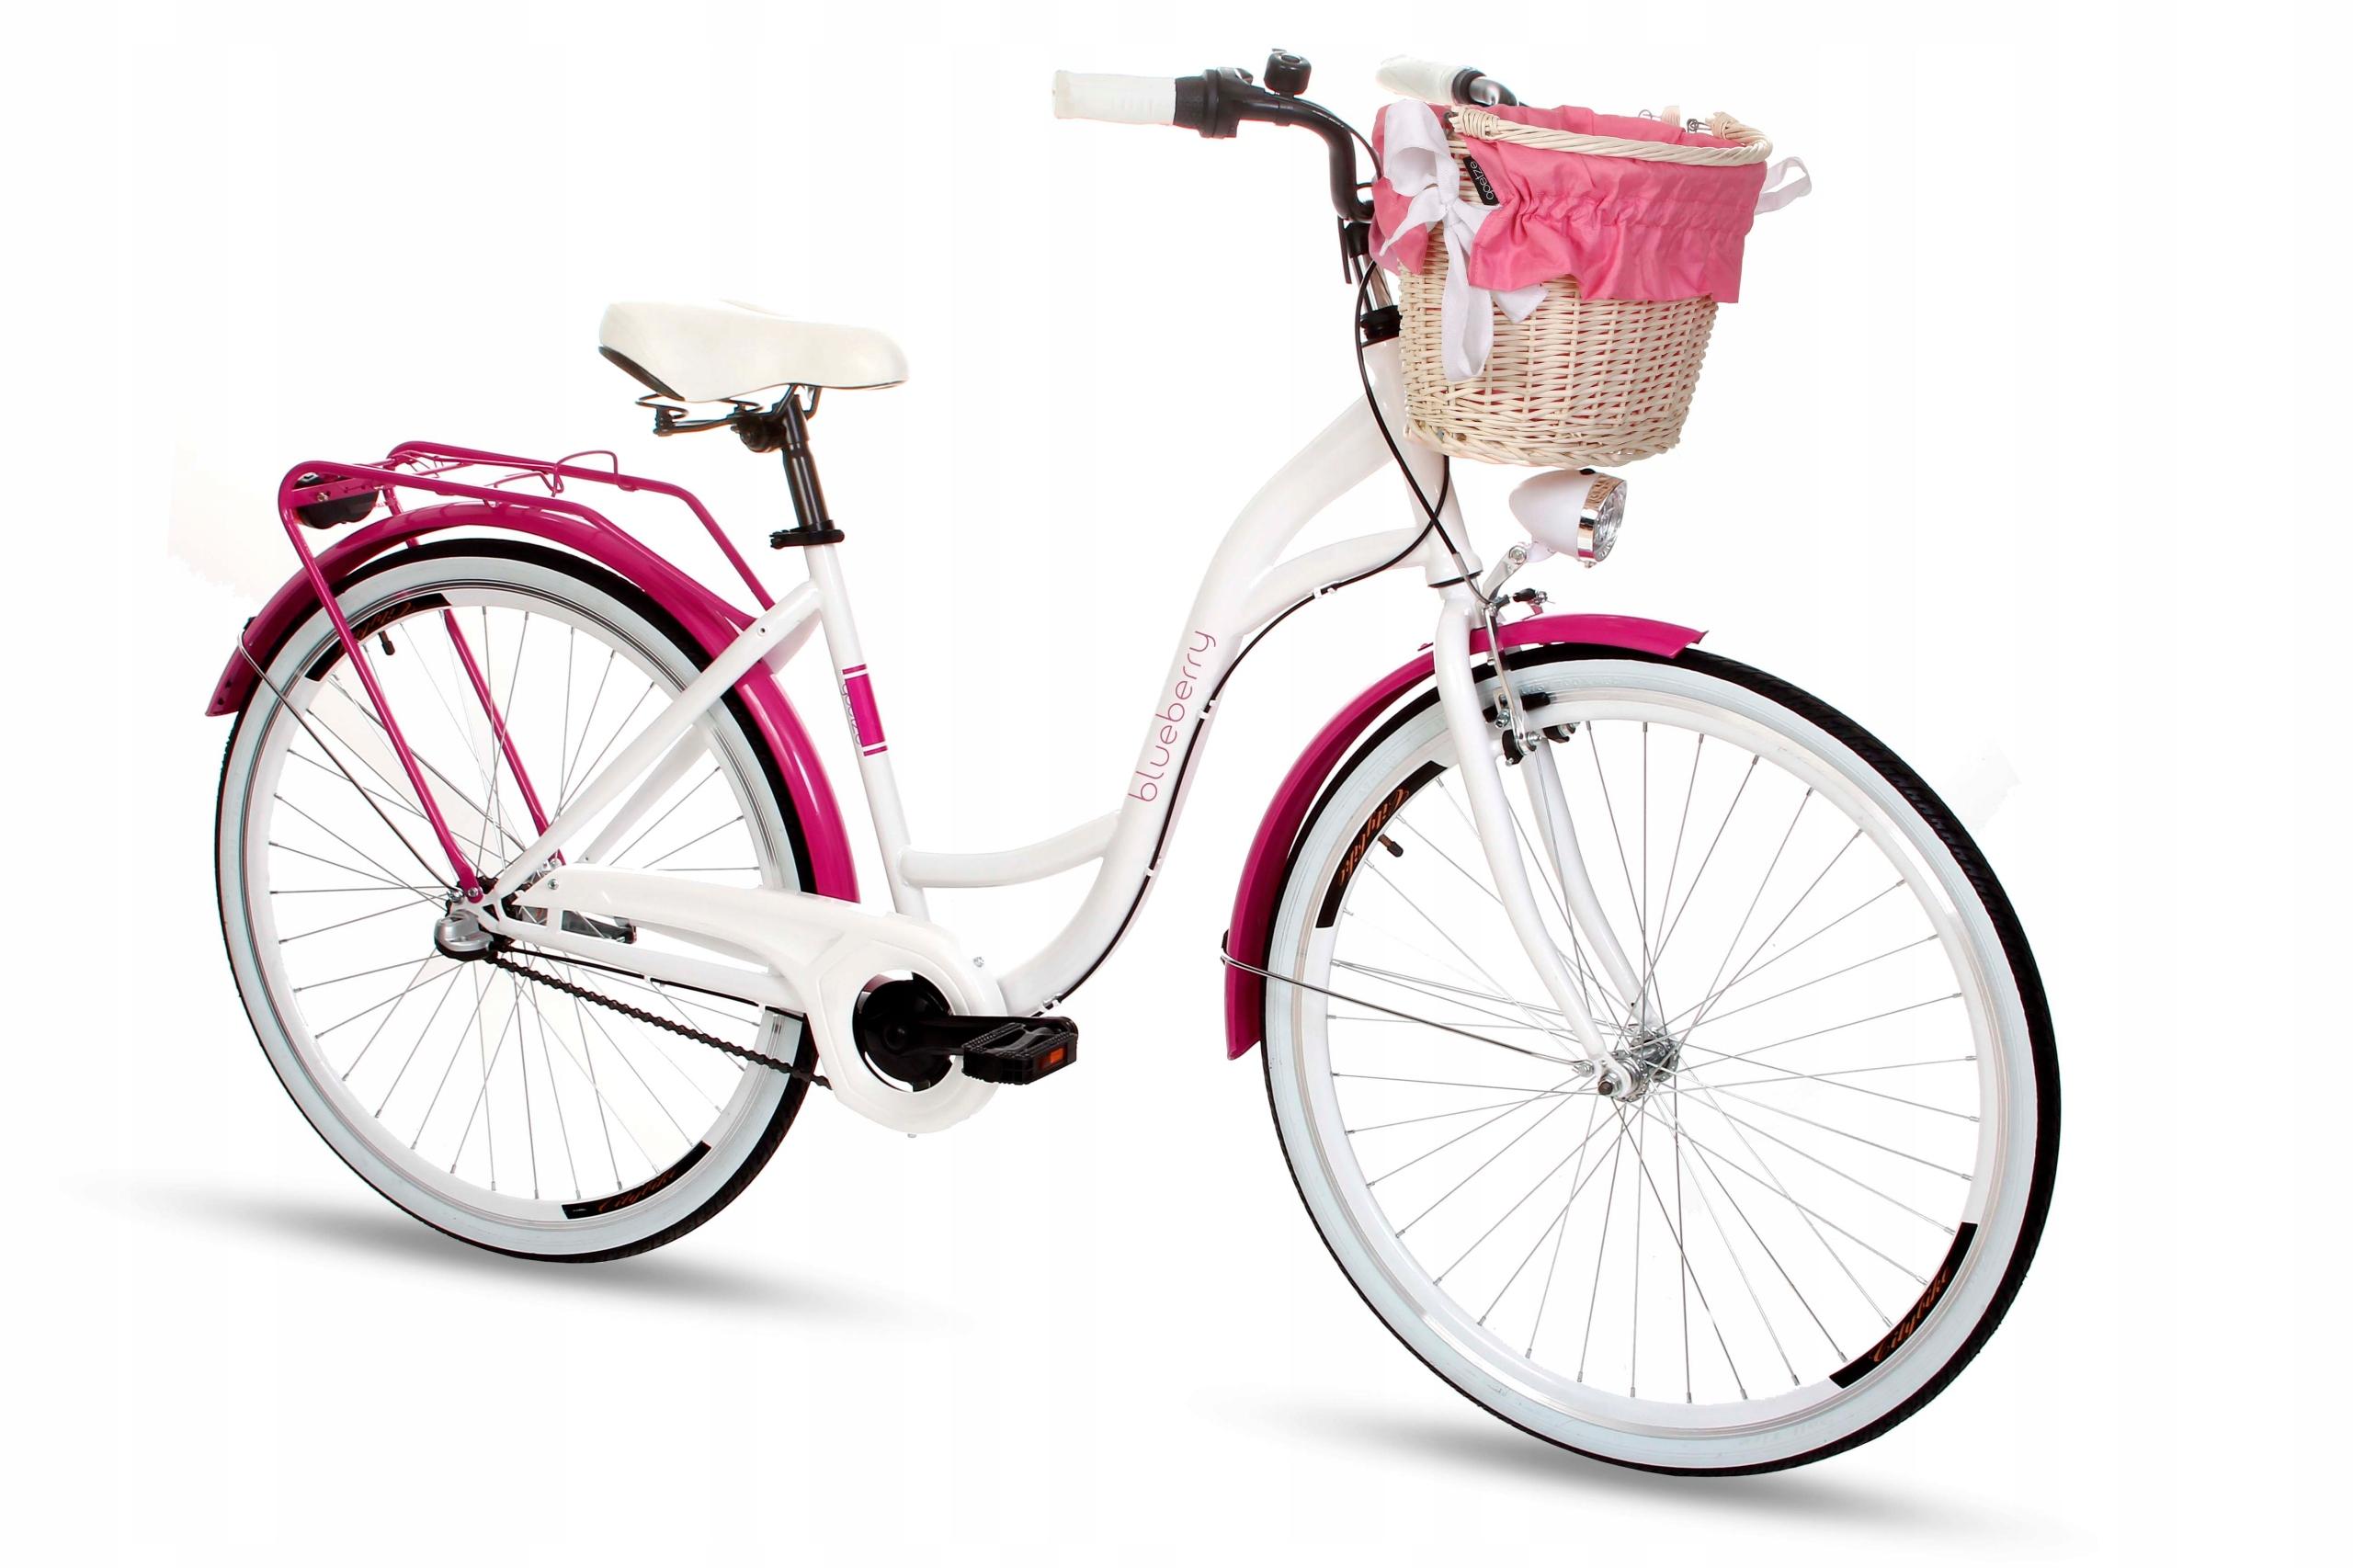 Dámsky mestský bicykel Goetze BLUEBERRY 28 3b košík!  Značka Goetze